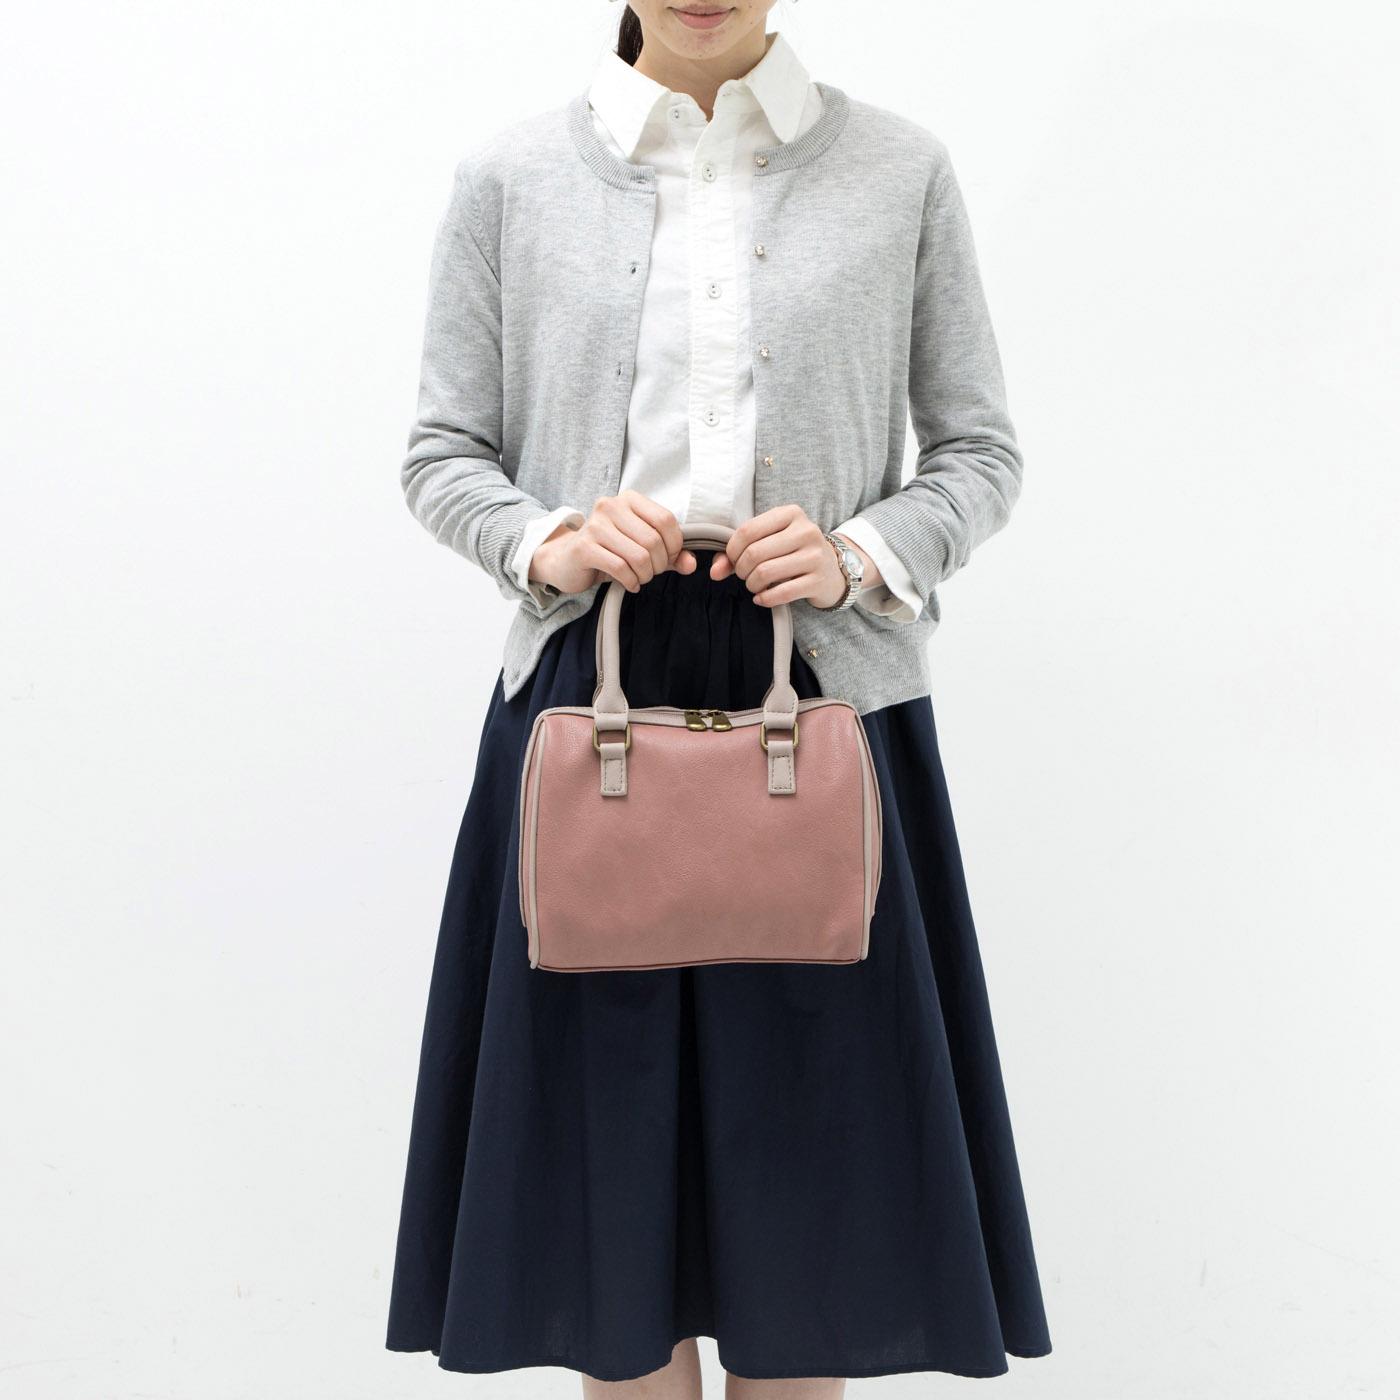 〈グレイッシュピンク〉 ウラ(ハンドバッグ) 裏側はシンプルデザイン。通勤やよそゆきなどの上品スタイルにぴったり。